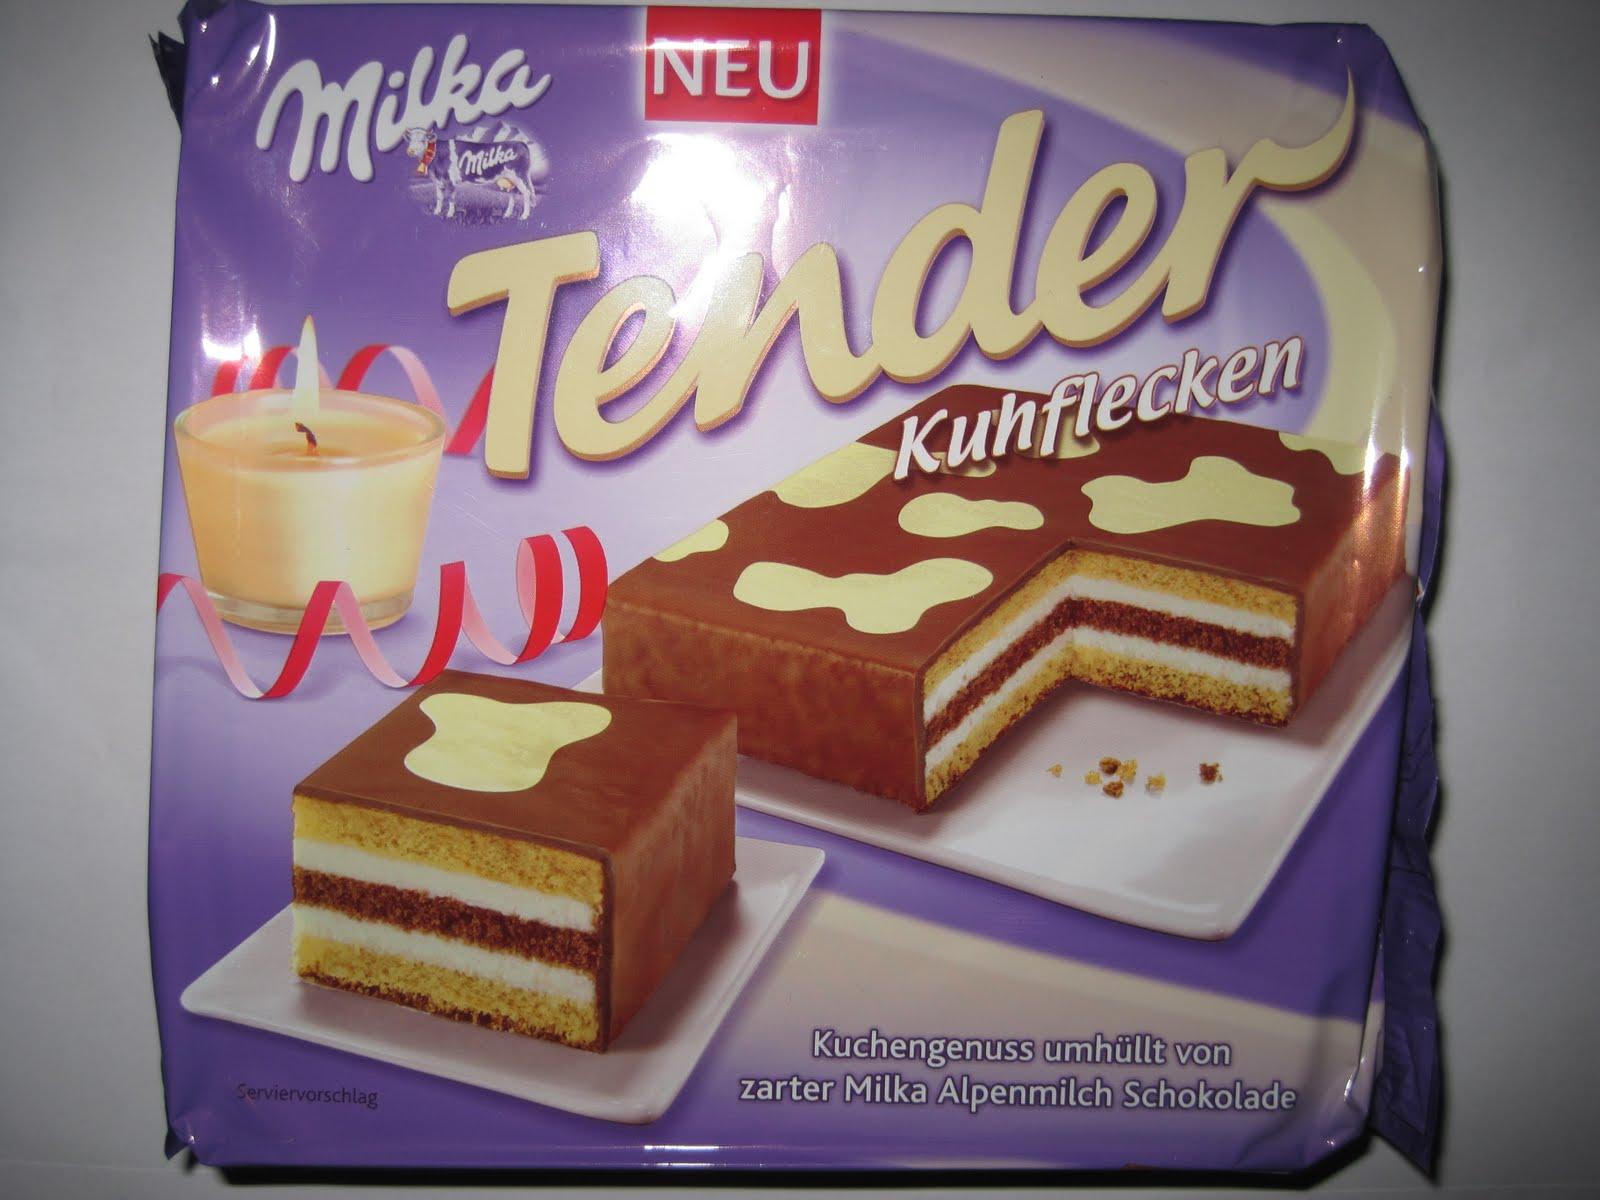 da schokodecke ein bisschen hart und irgendwie zh ist schmeckt sie auch nach nix der kuchen selbst ist unheimlich with milka schokoladen kuchen